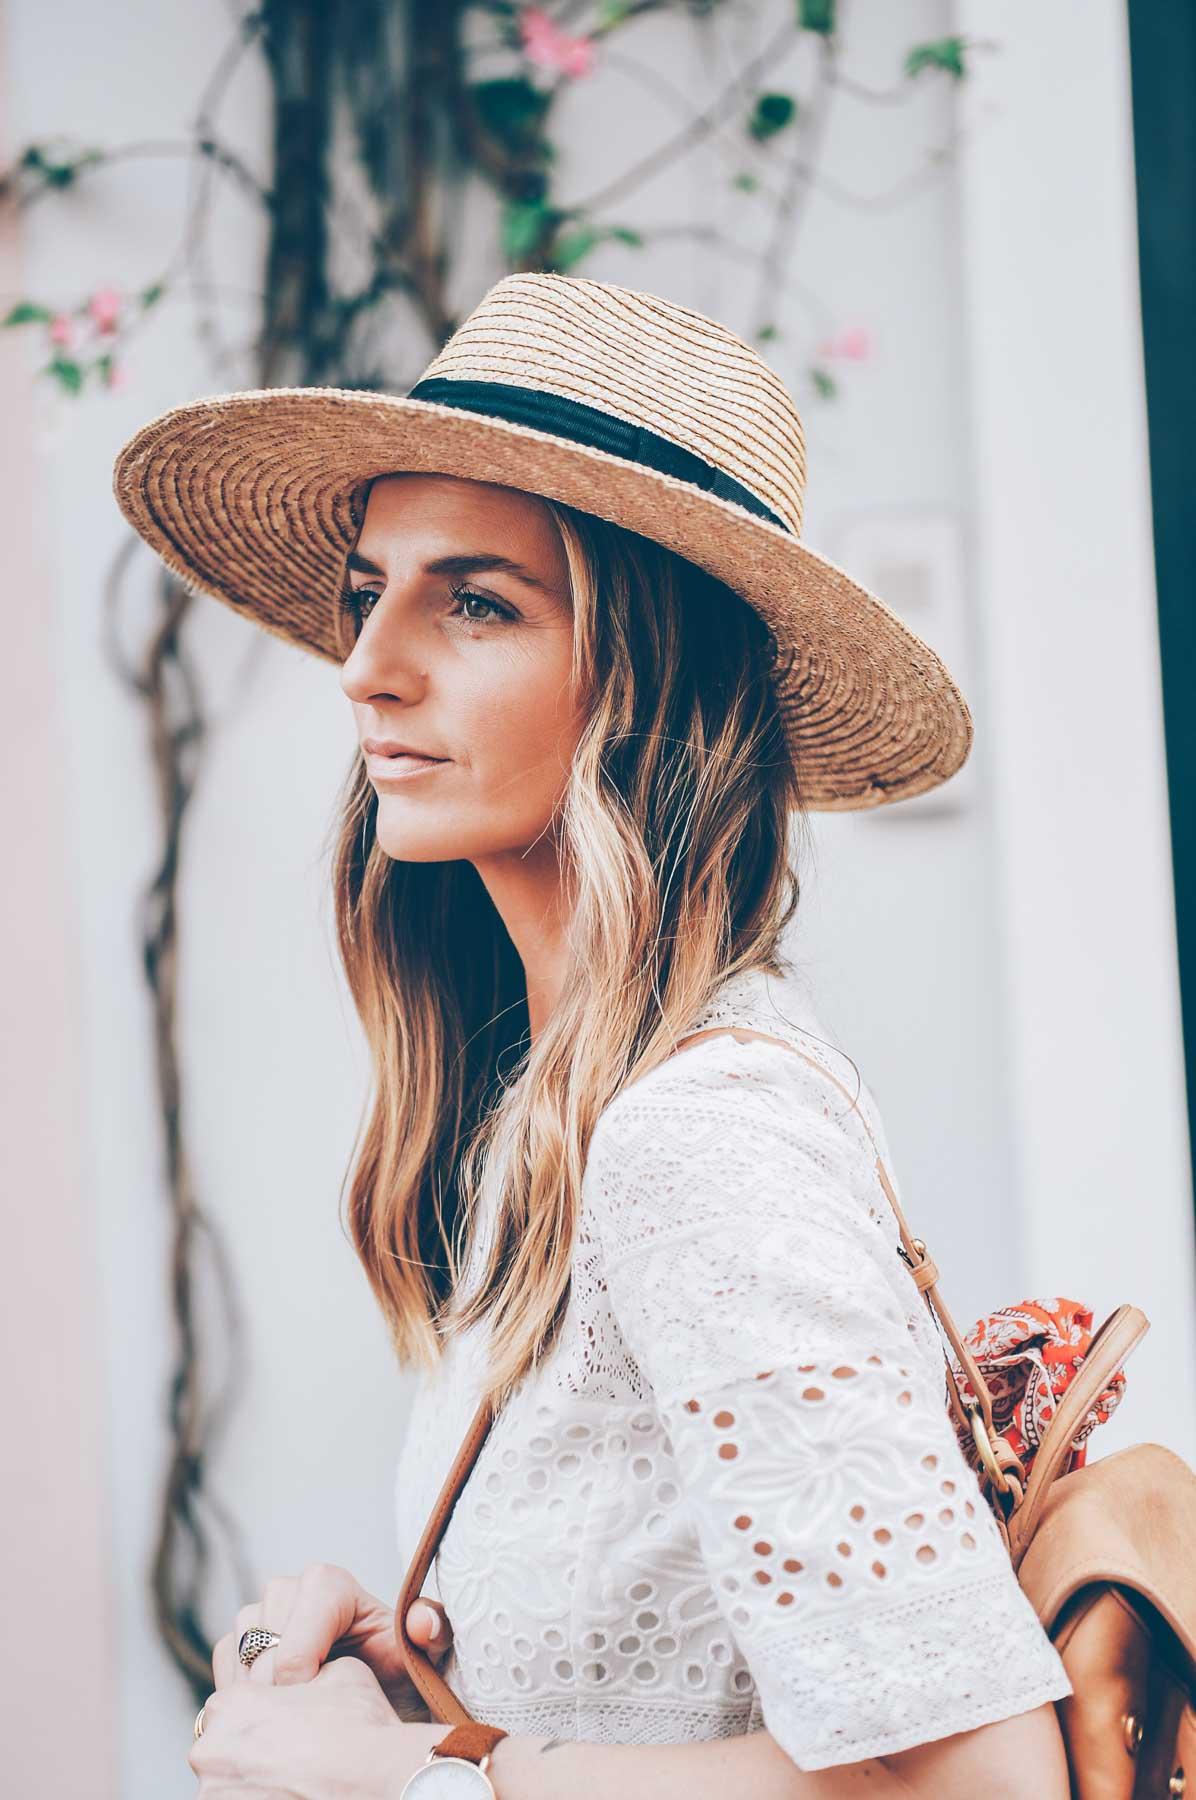 Jess Kirby wearing a Panama Hat and Balayage Wavy BLonde Hair